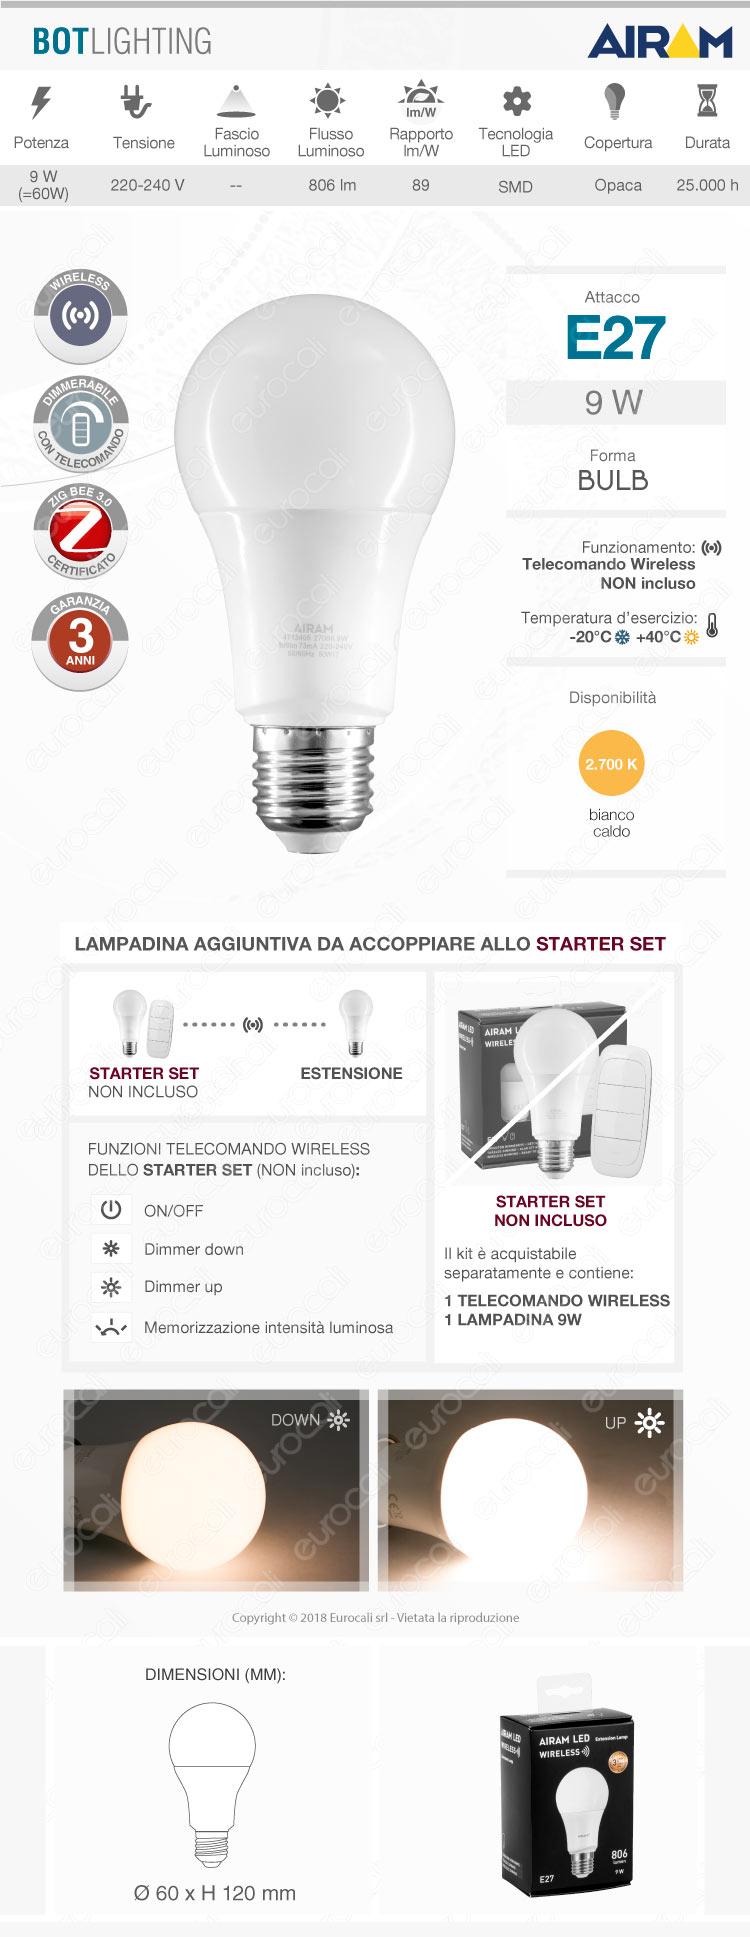 bot lighting airam e27 dimmerabile wireless